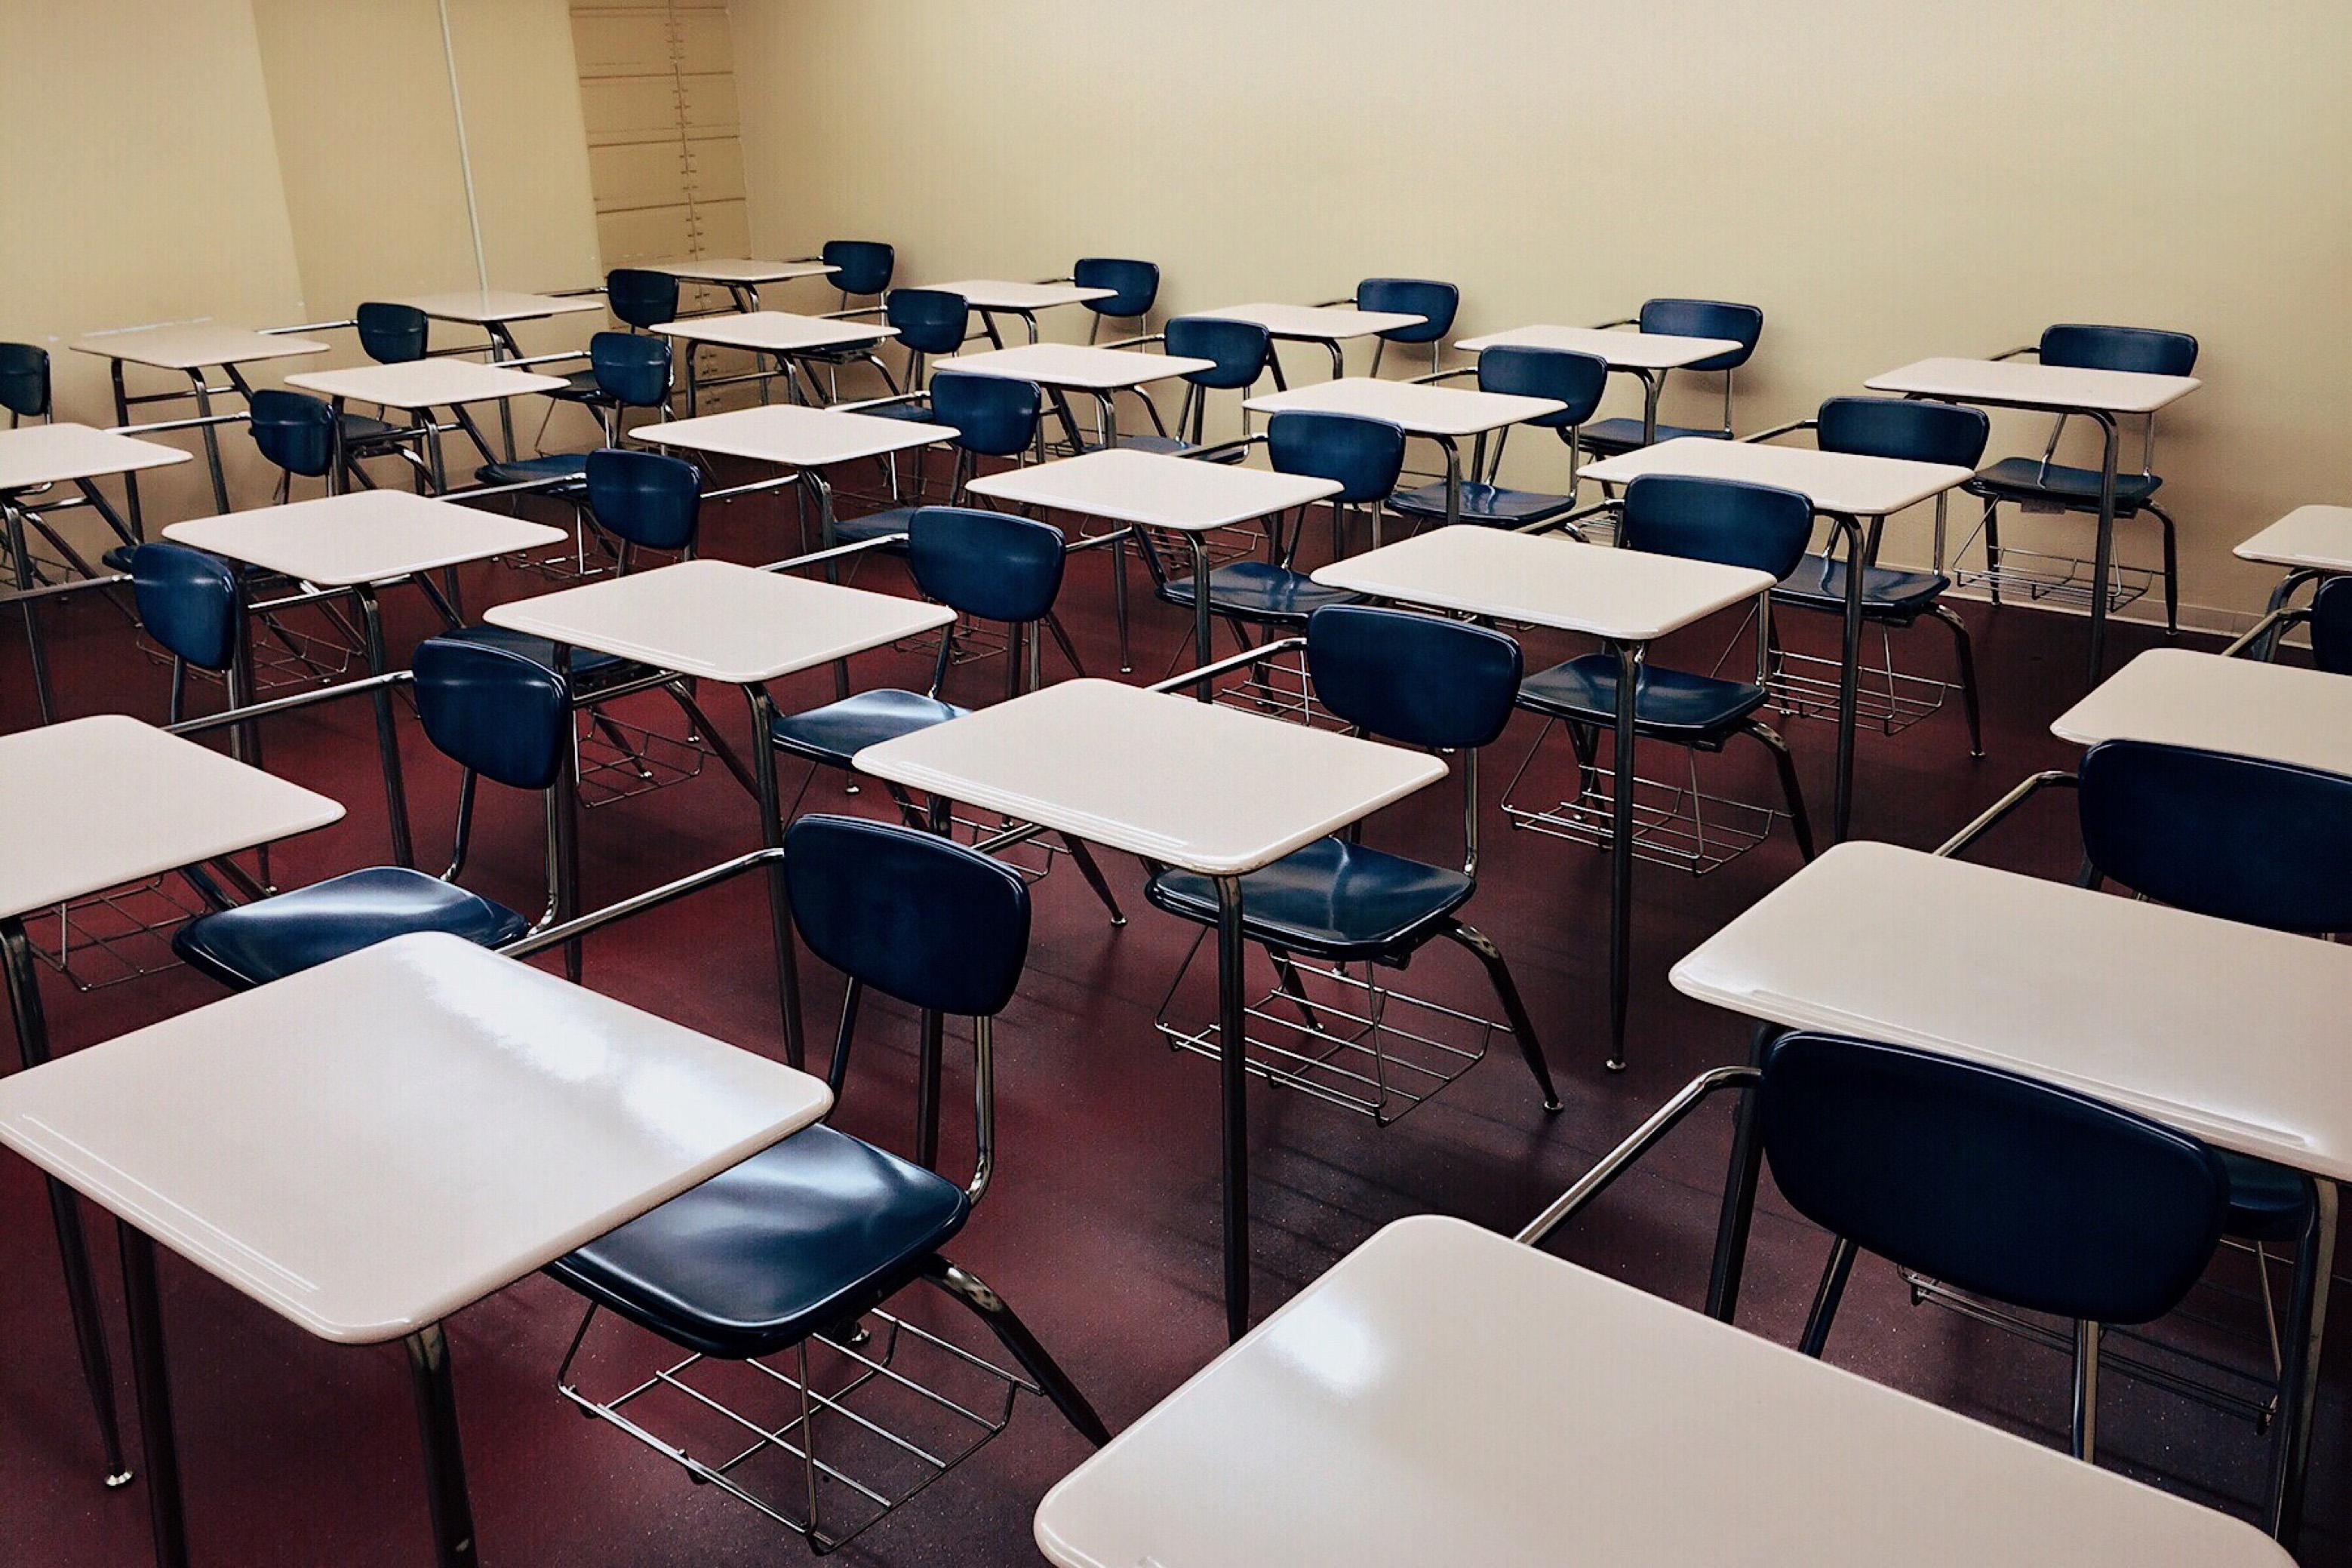 Kiedy powrót do szkół? Minister Przemysław Czarnek zdradza terminy